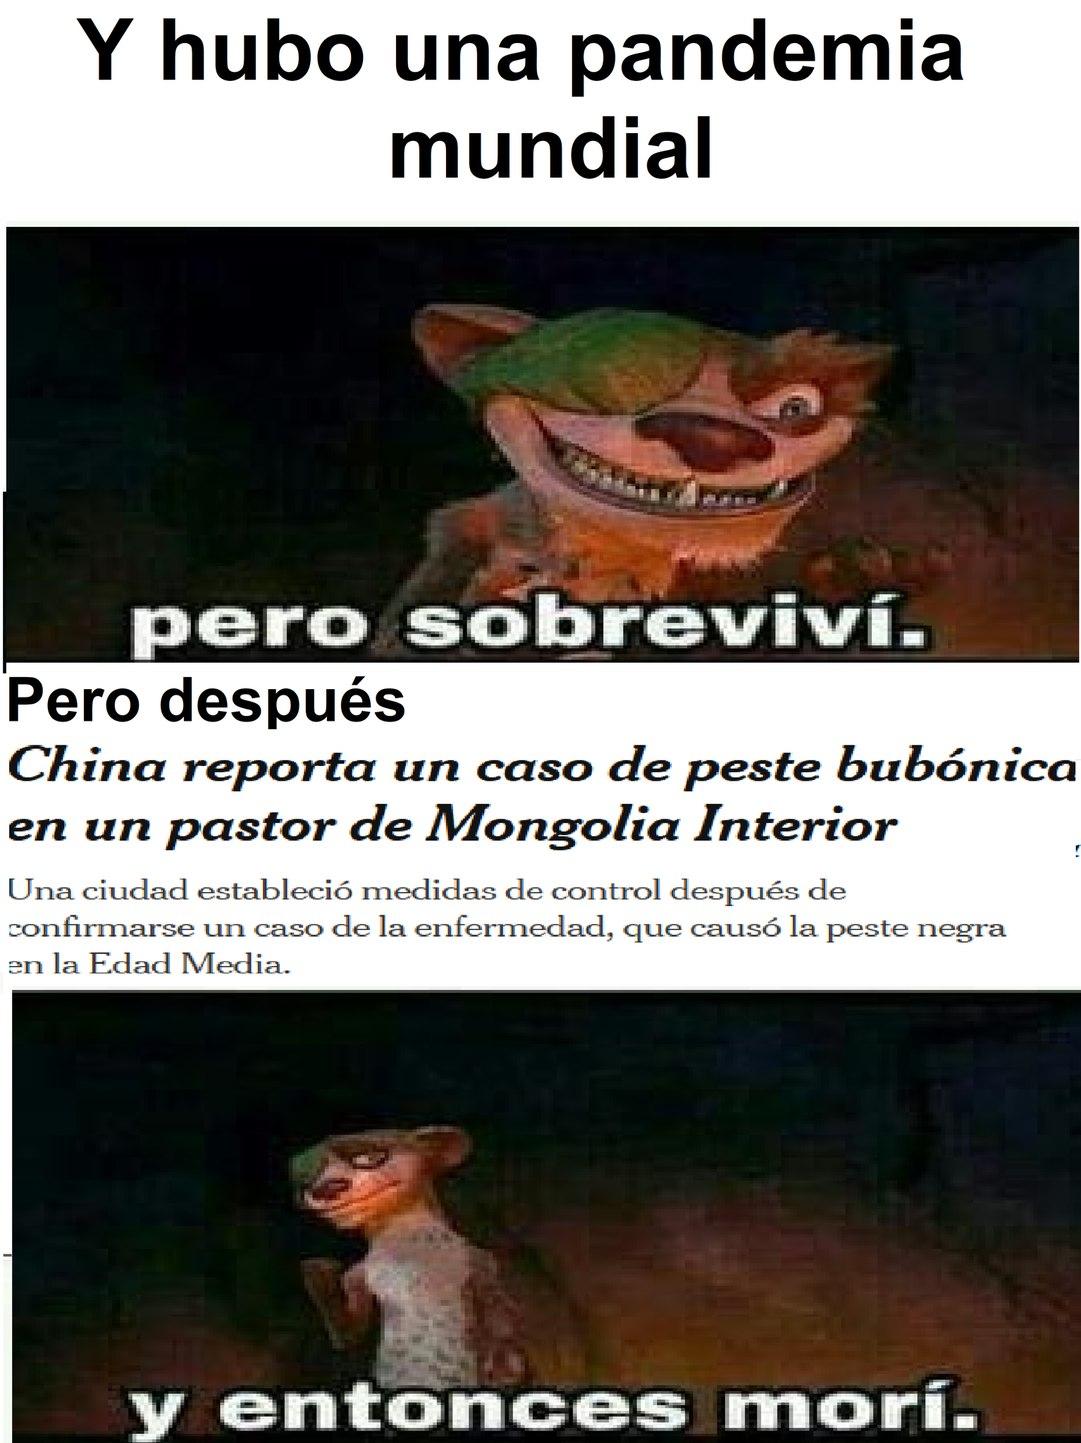 PROBLEMA SOLUCIONADO, Y OTROS NUEVO EMPIEZA. PLANTILLA AL REVES - meme